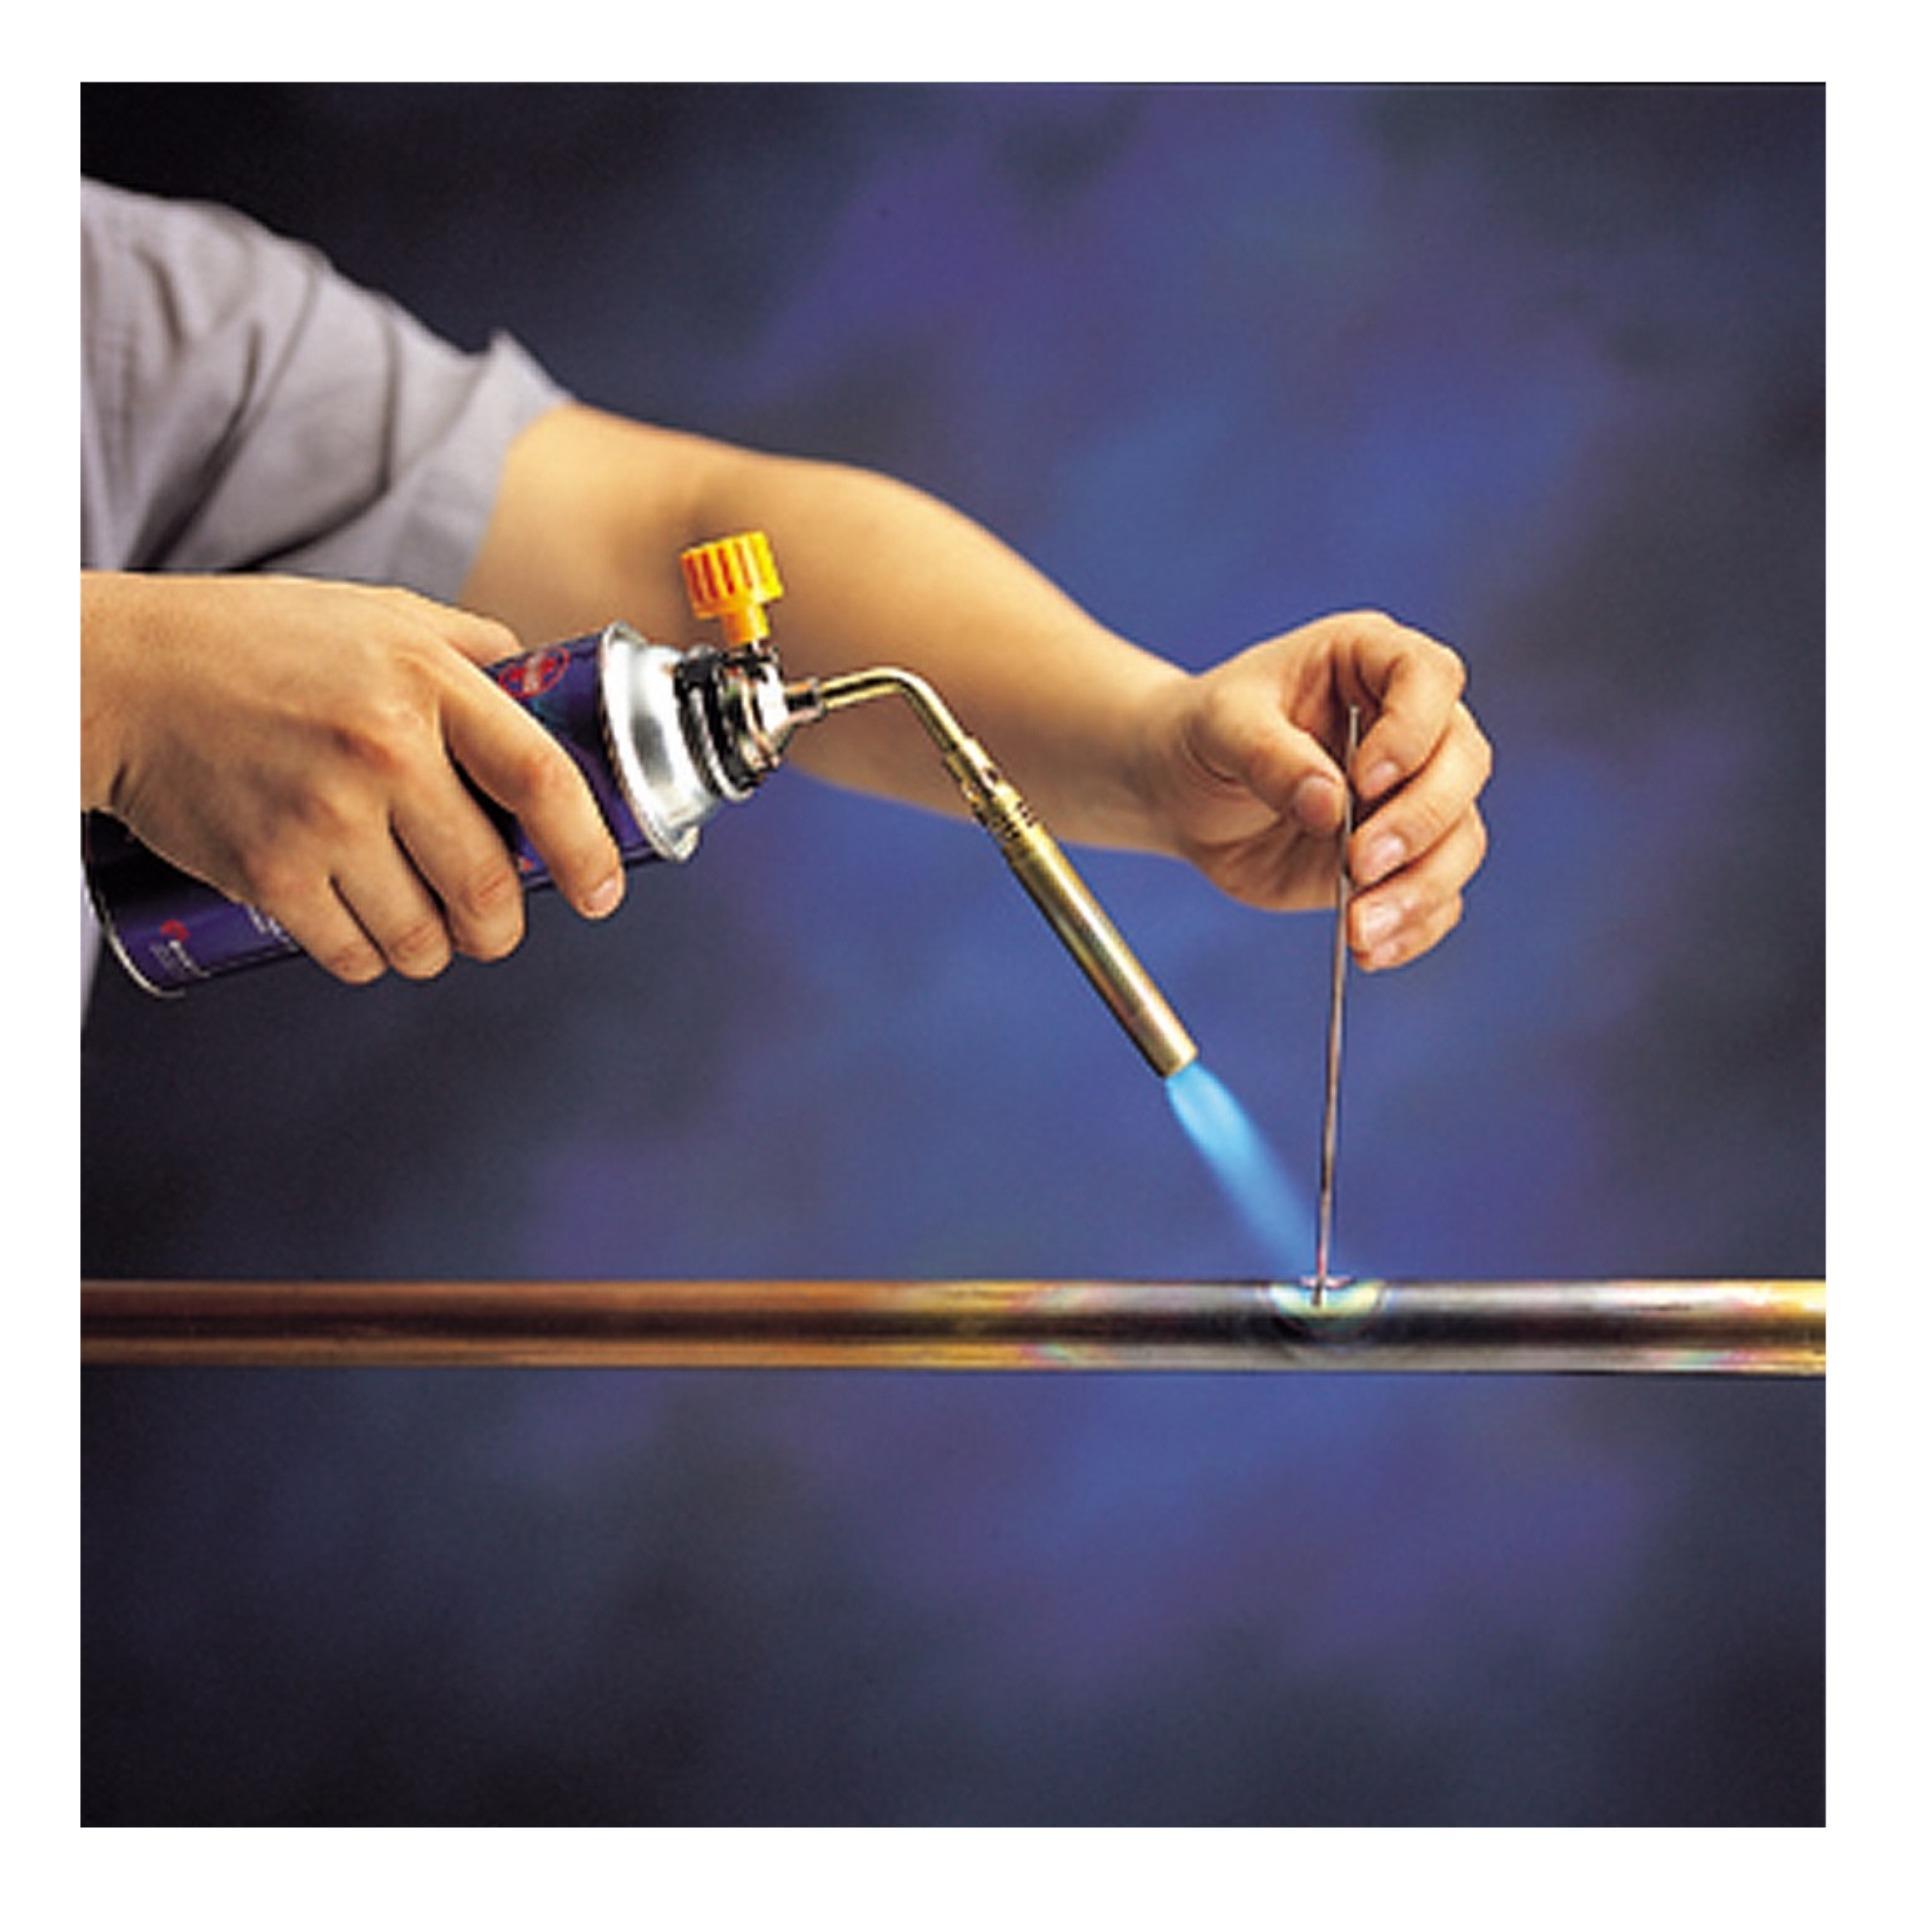 Hàn khò cầm tay - Đèn khò gas - Sử dụng lon gas nhỏ